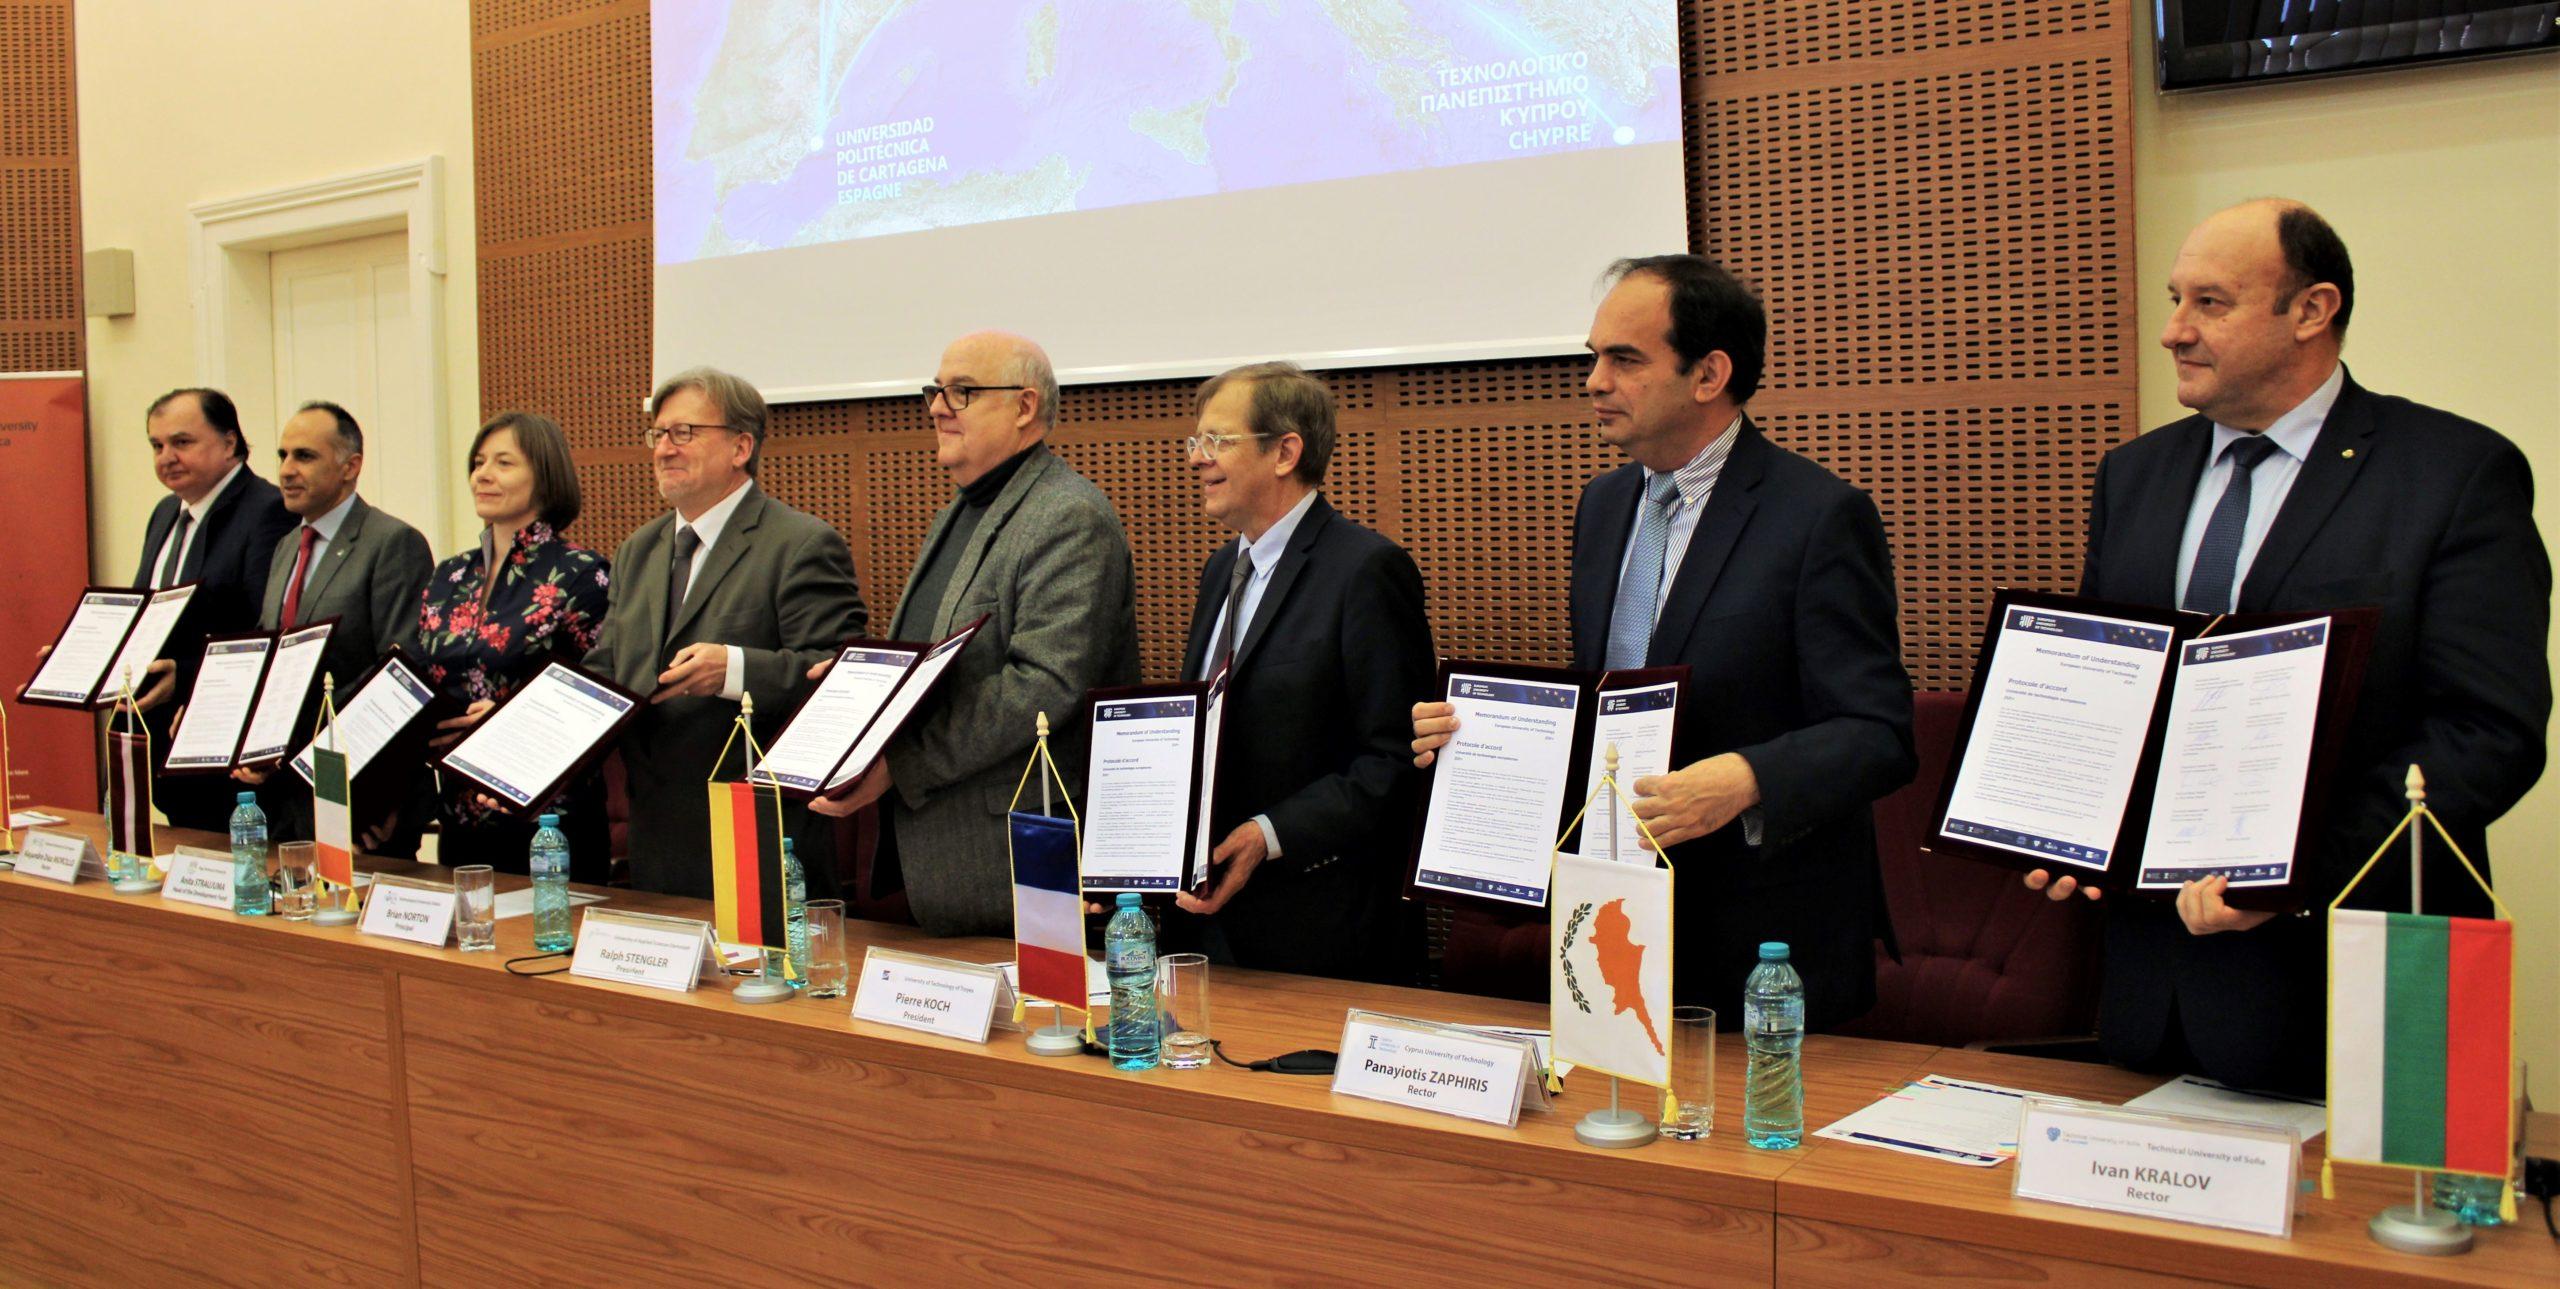 Die Hochschulleitung der acht Universitäten und Hochschulen des Bündnisses bei der Unterzeichnung des Memorandum of Understanding am 4. Februar 2020